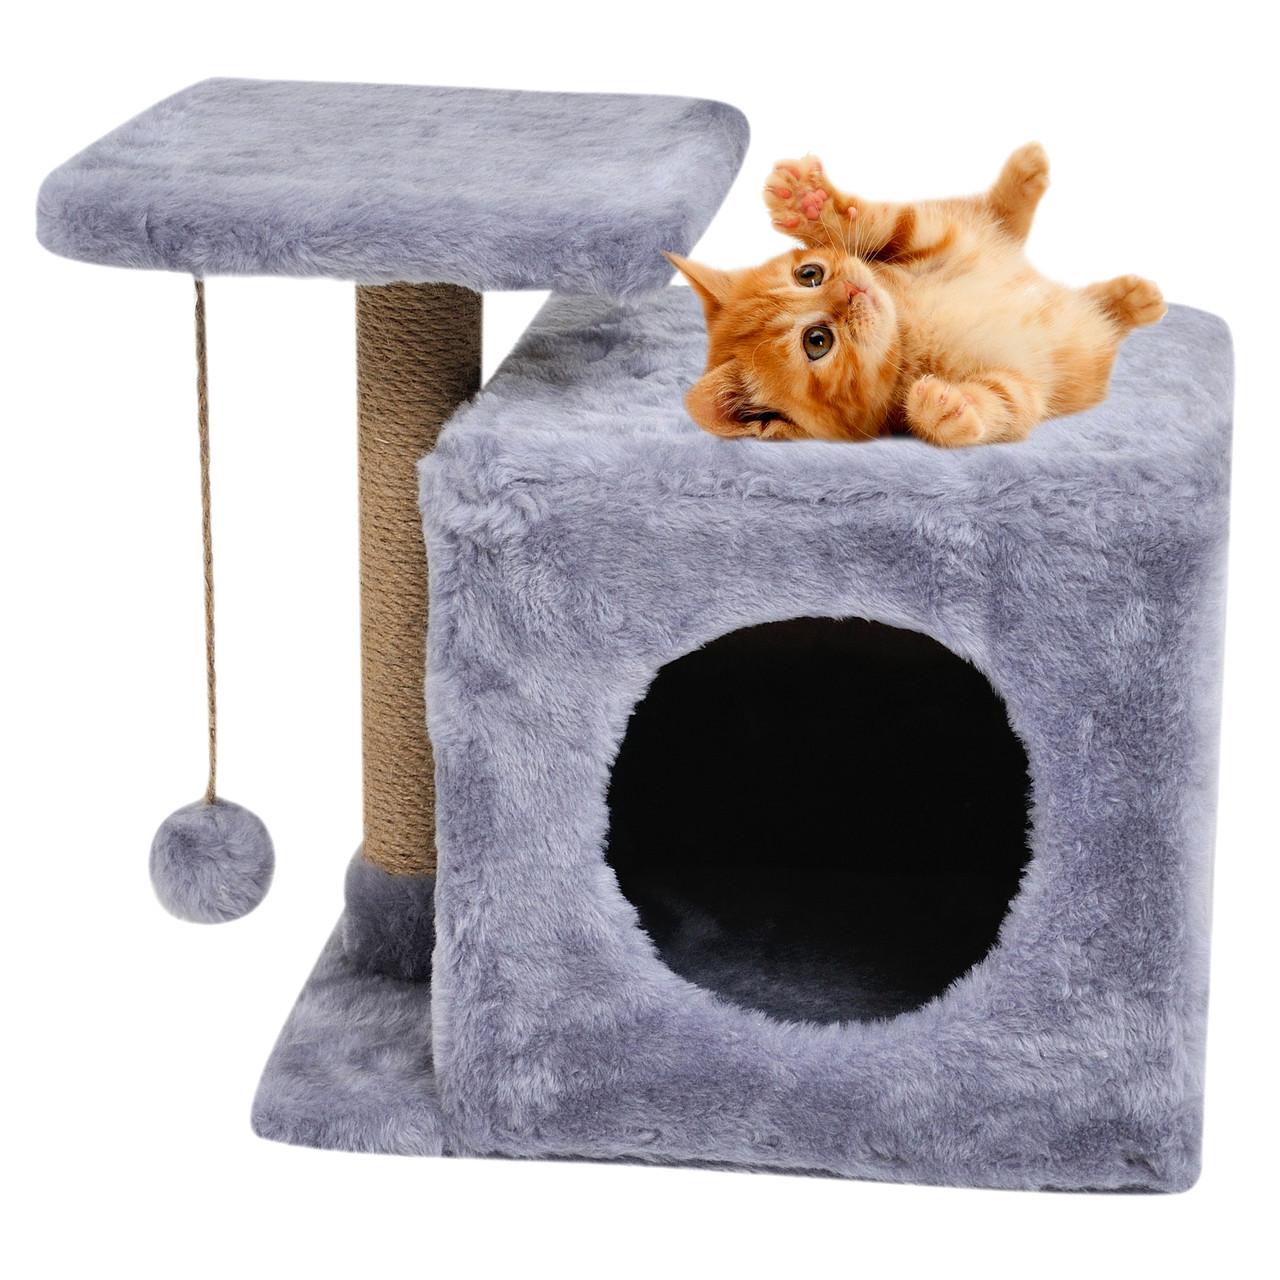 Домик-когтеточка с полкой Милана 43х33х45 см (дряпка) для кошки Серый